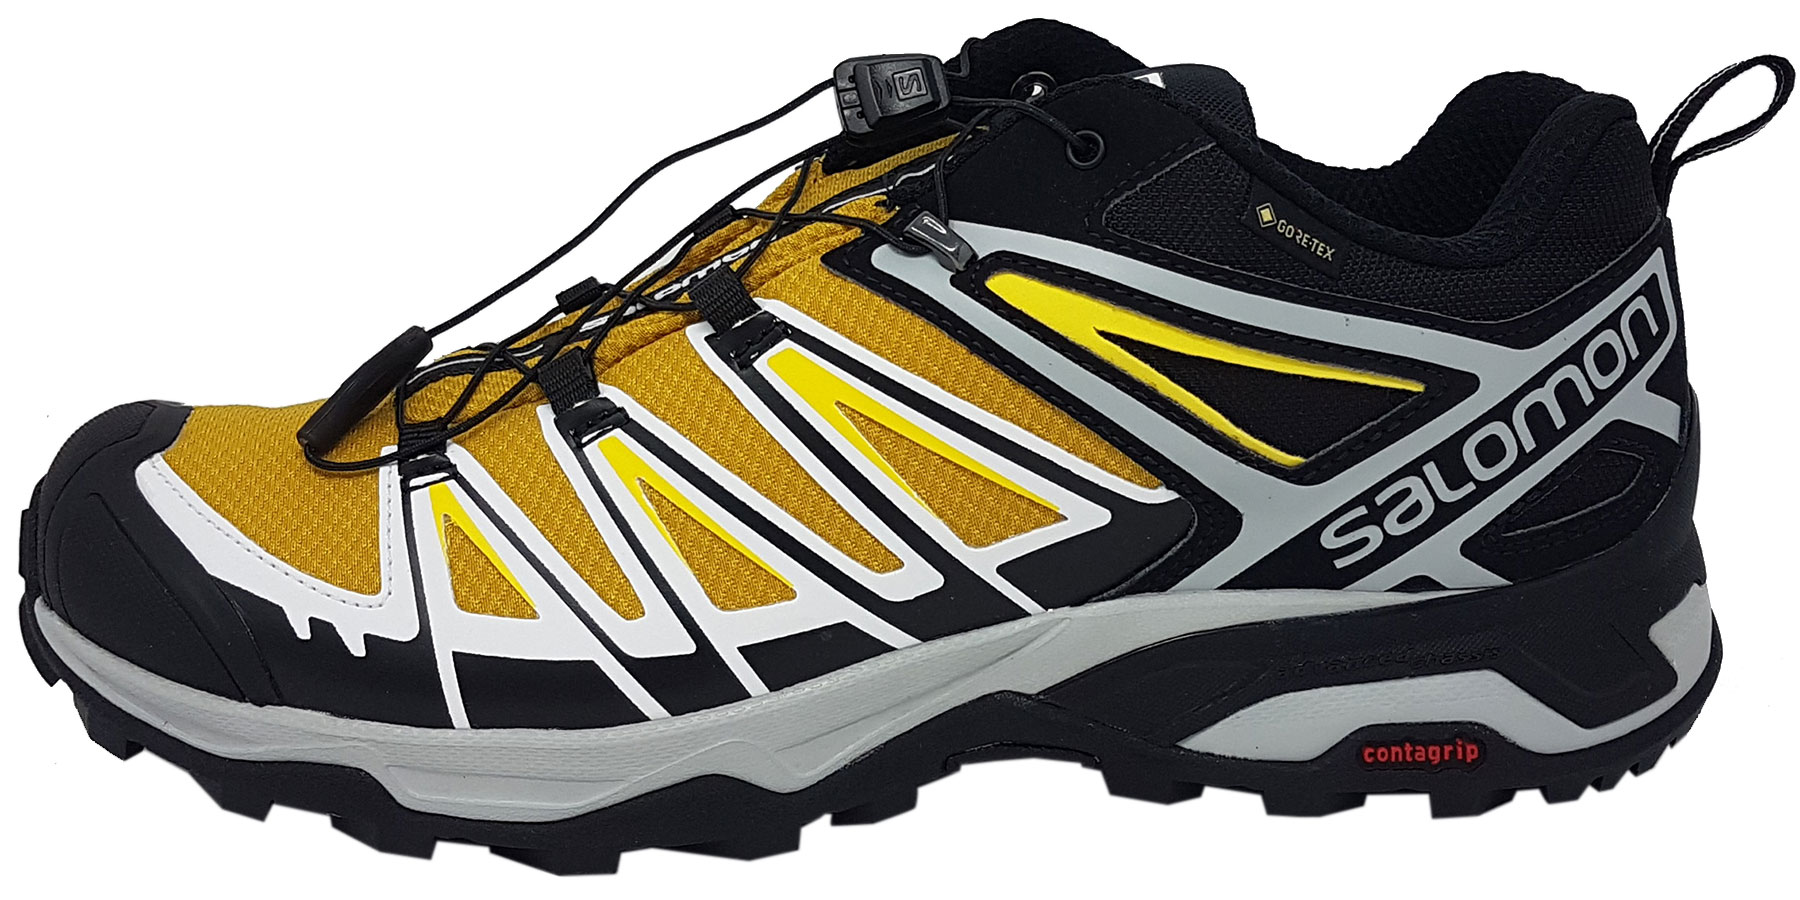 zapatillas salomon x ultra 3 gtx hombre